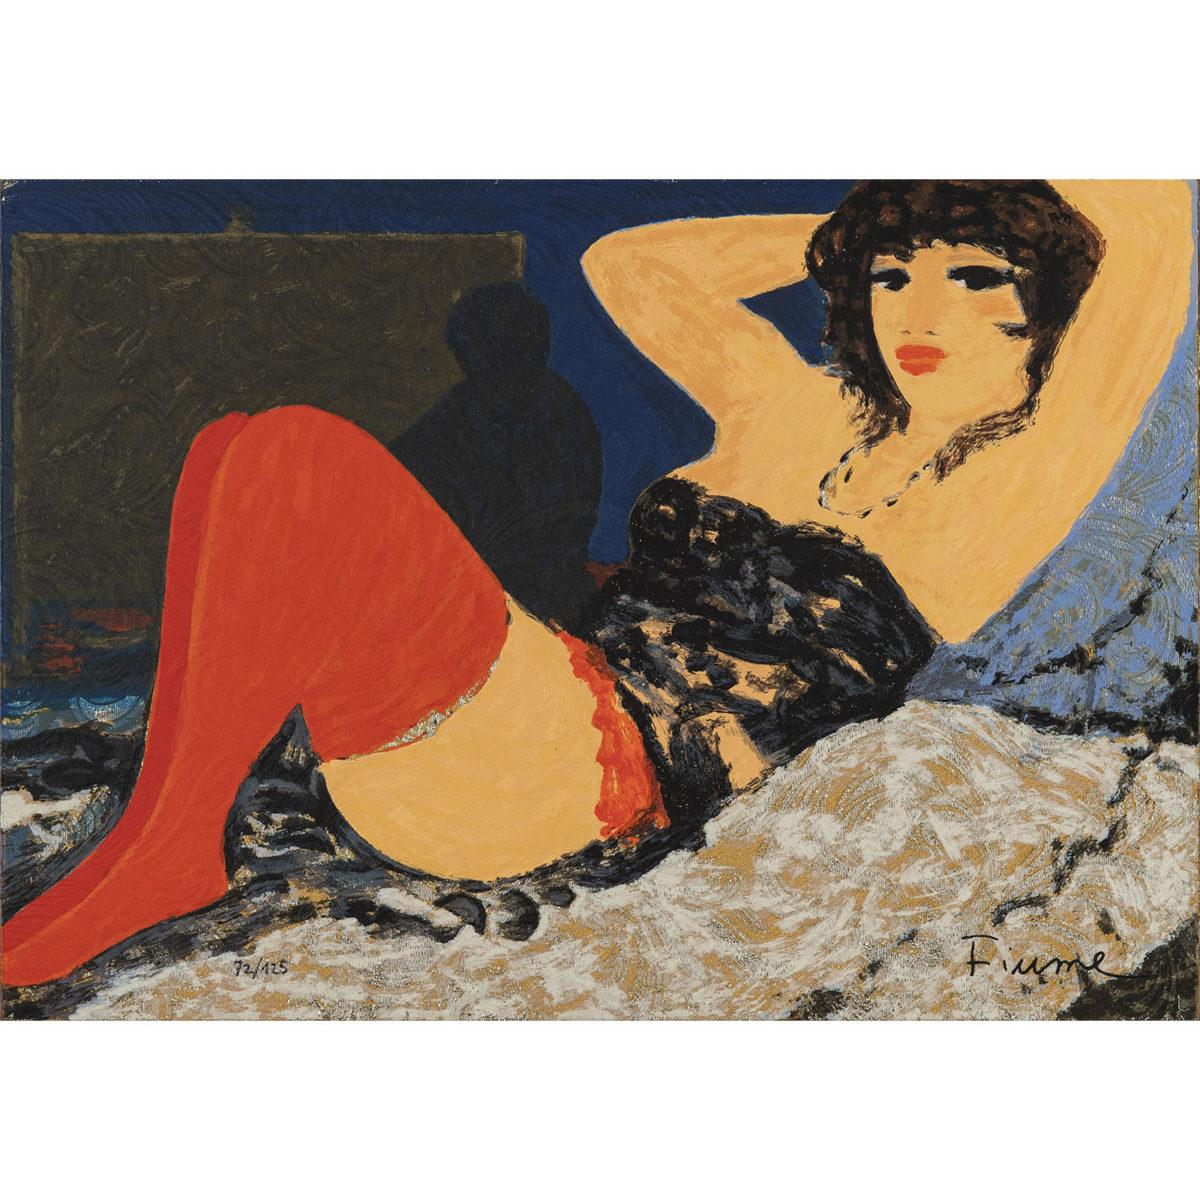 Salvatore Fiume - La Modella Del Pittore - Serigrafia Polimaterica D'apres 35x50cm